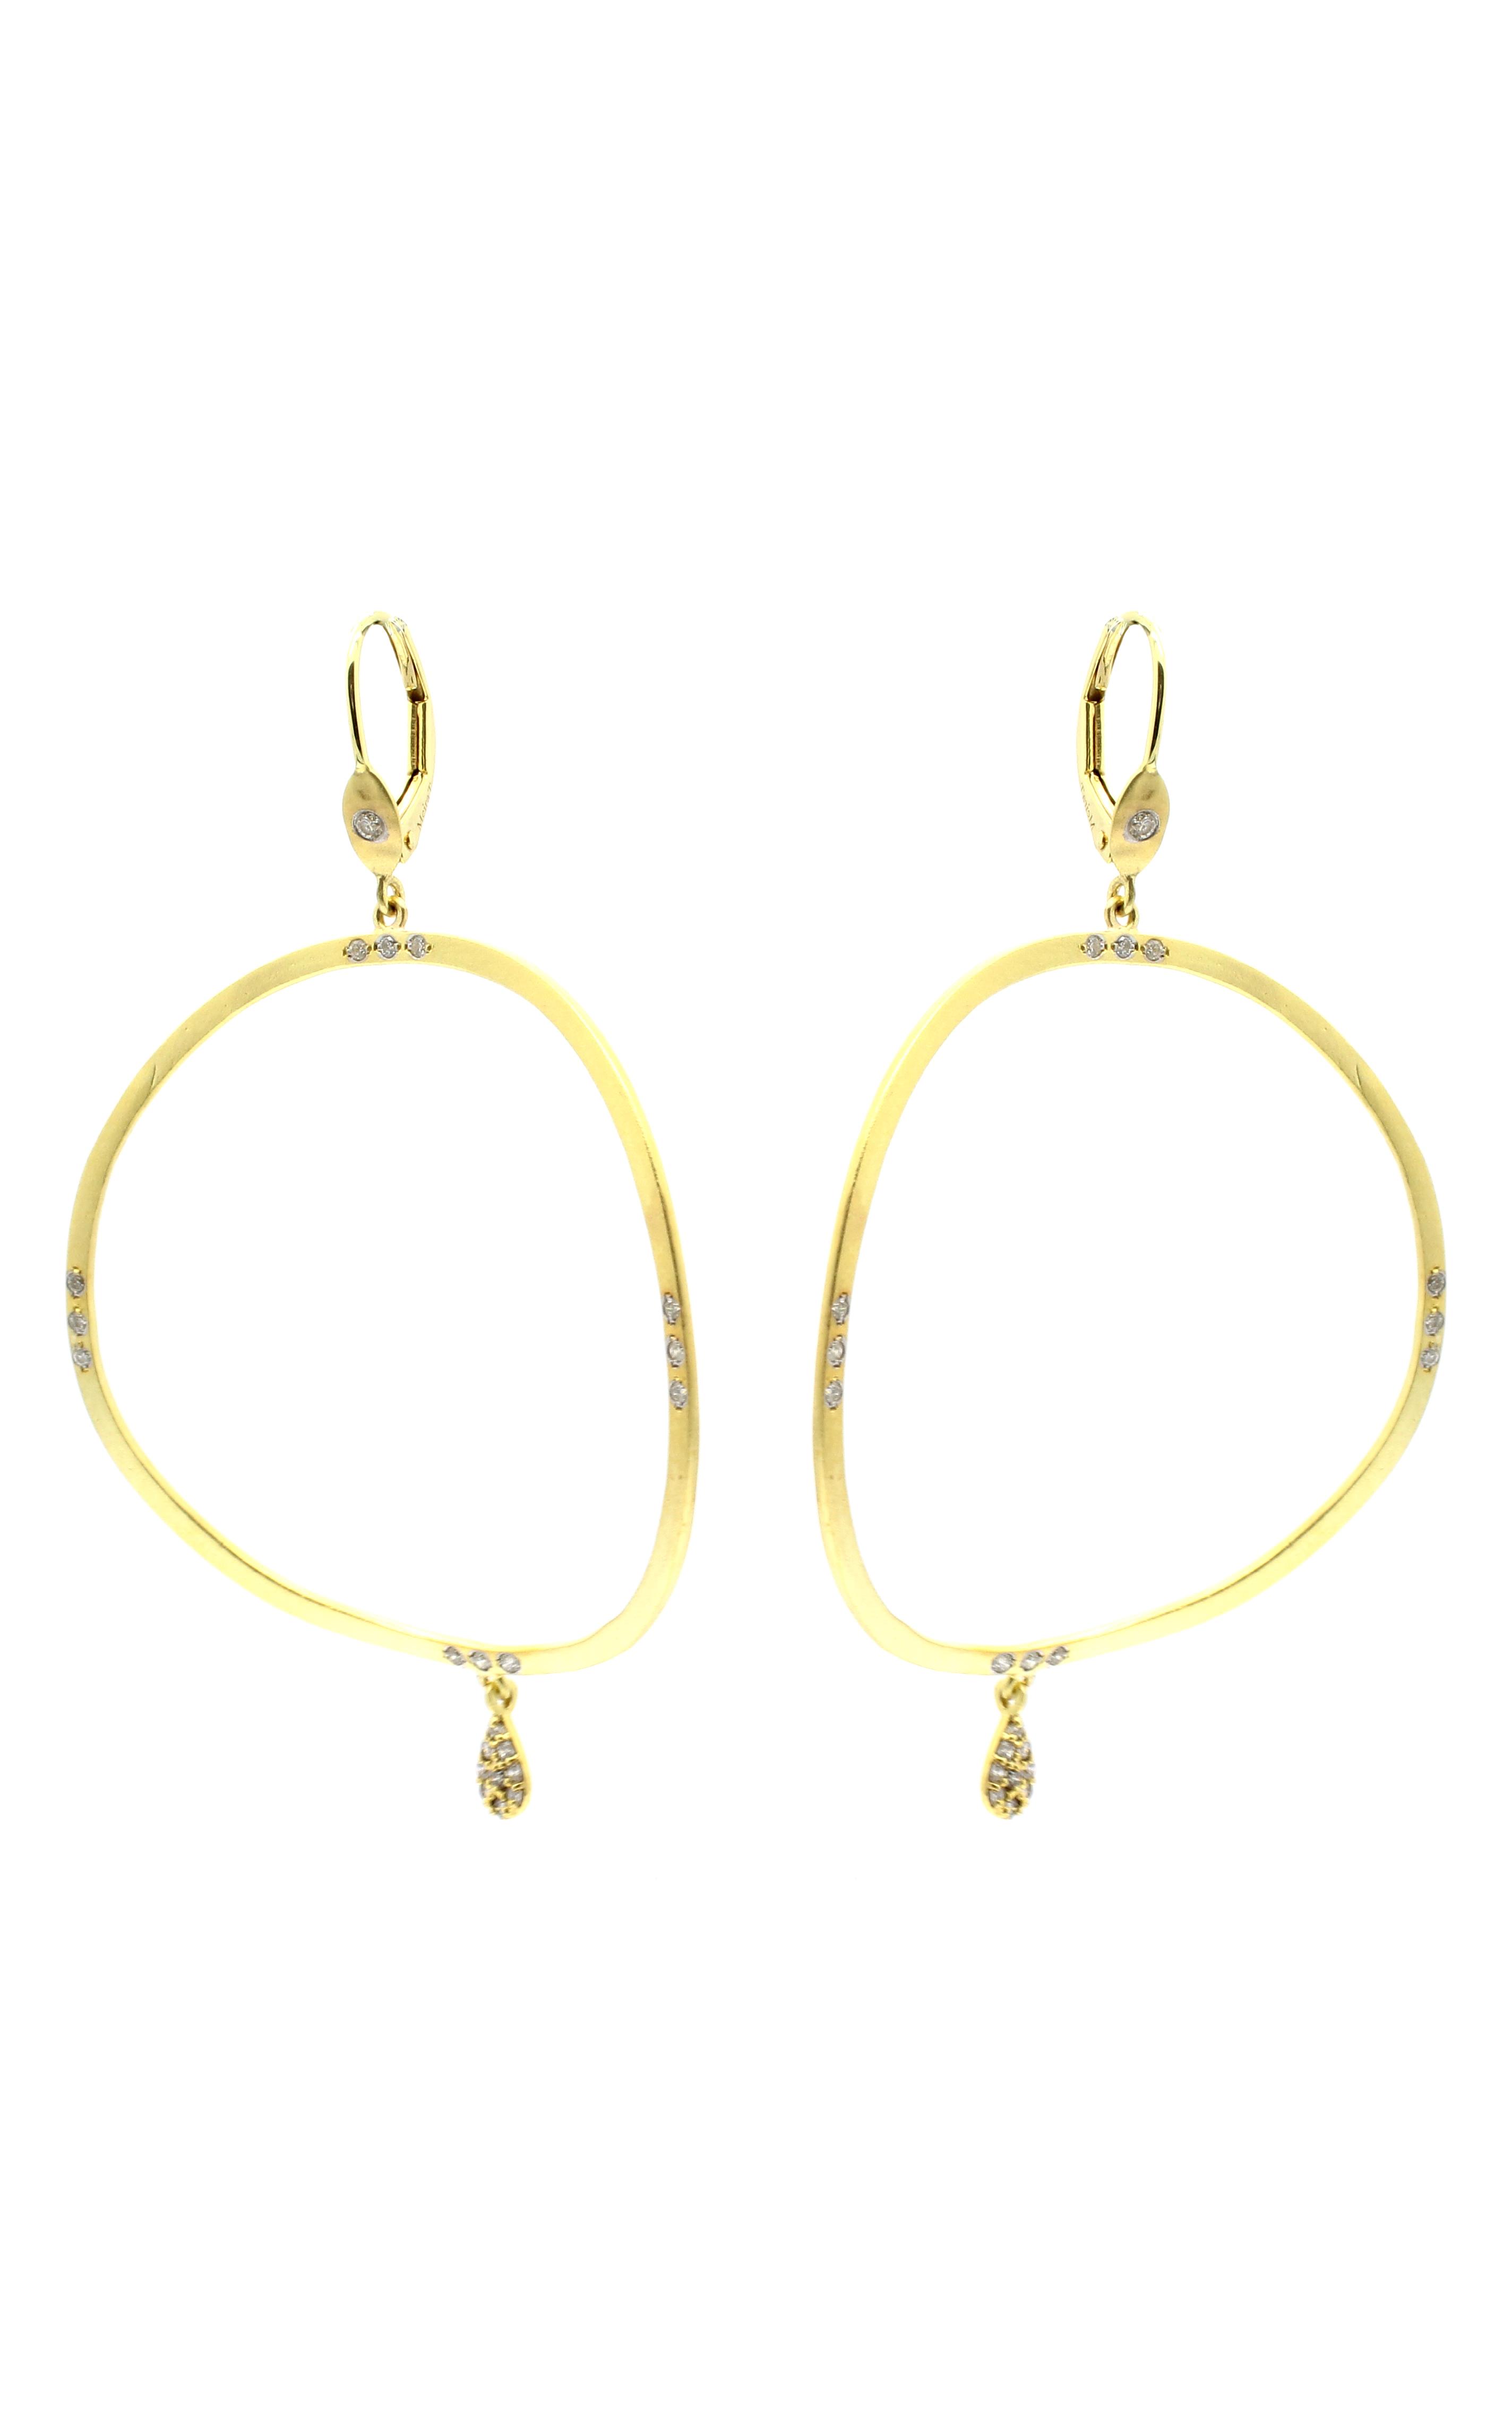 Meira T Earrings 1E7108 product image